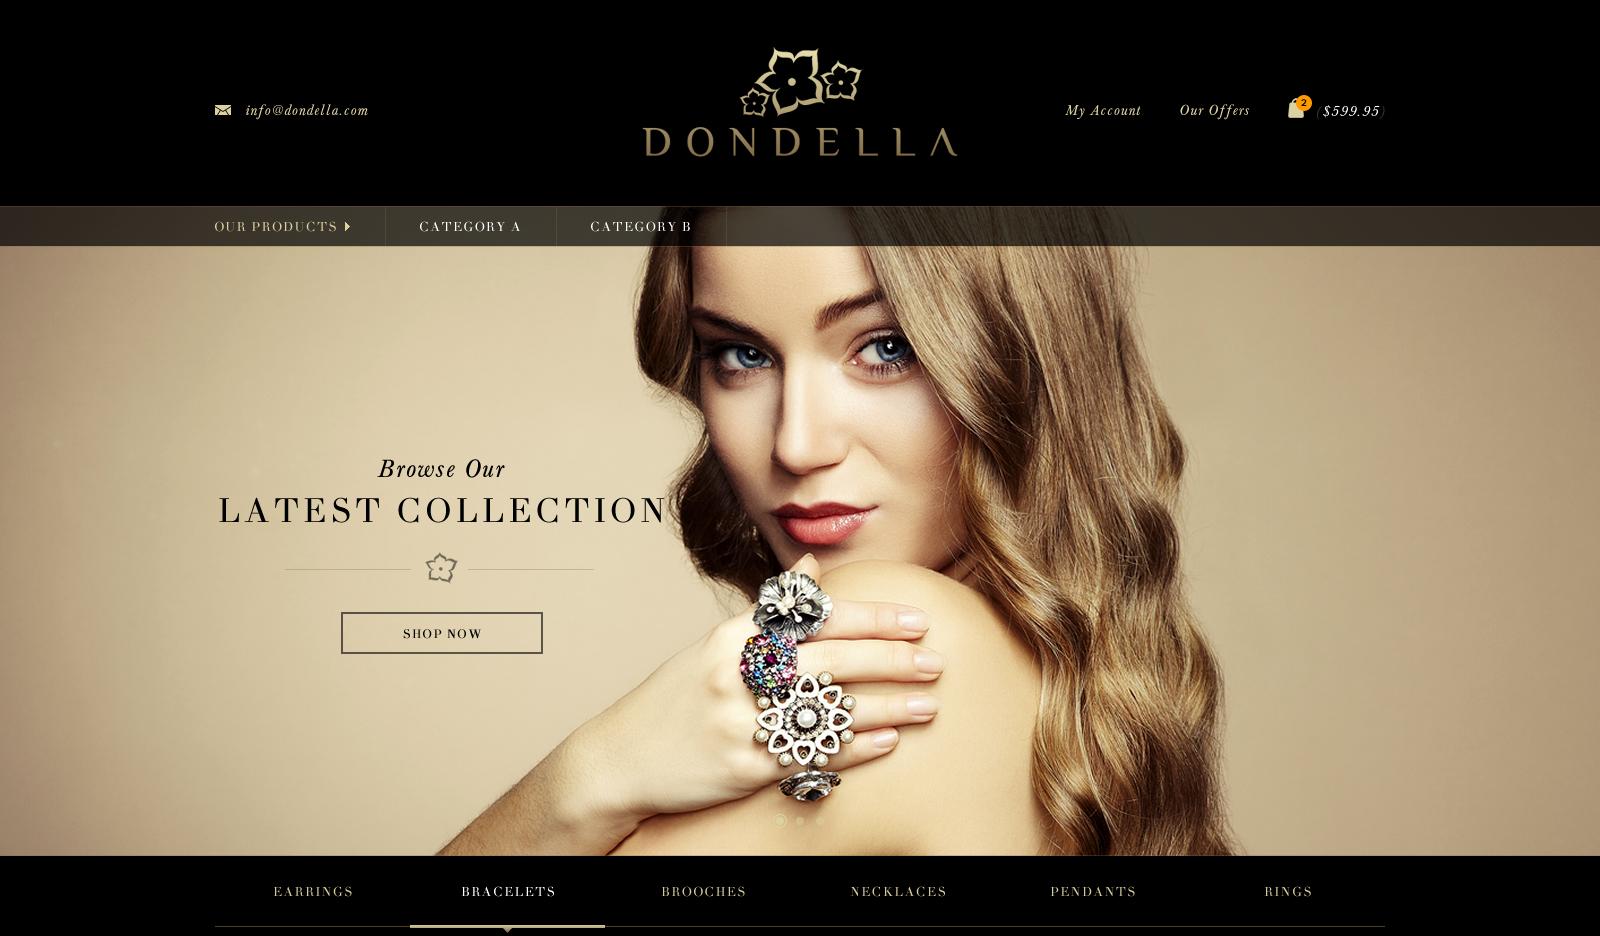 Dondella Web Page design